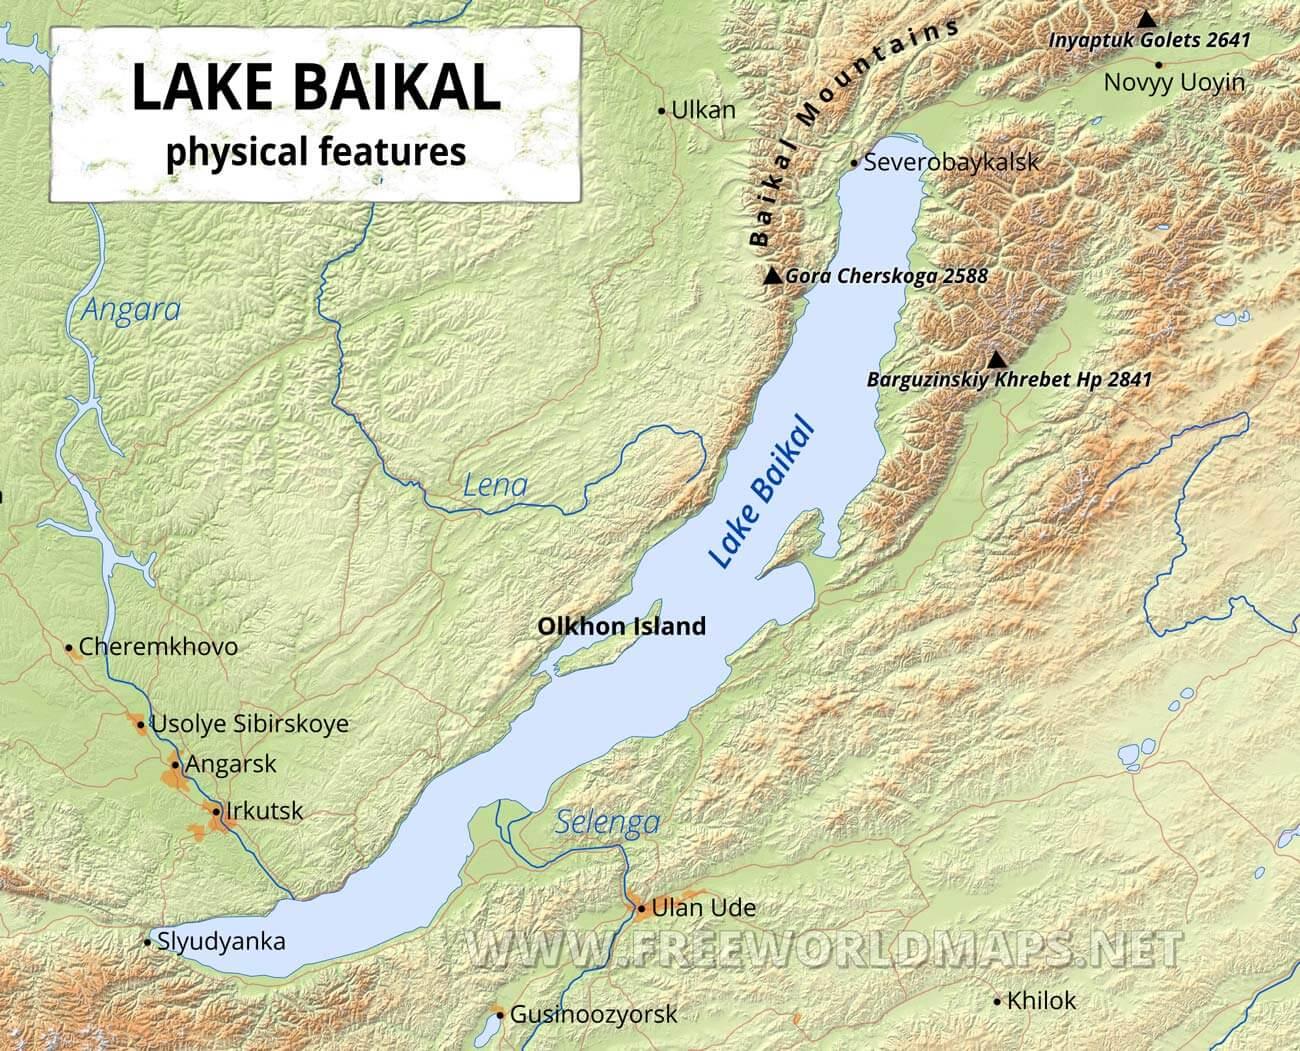 Lake Baikal World Map.Lake Baikal Maps